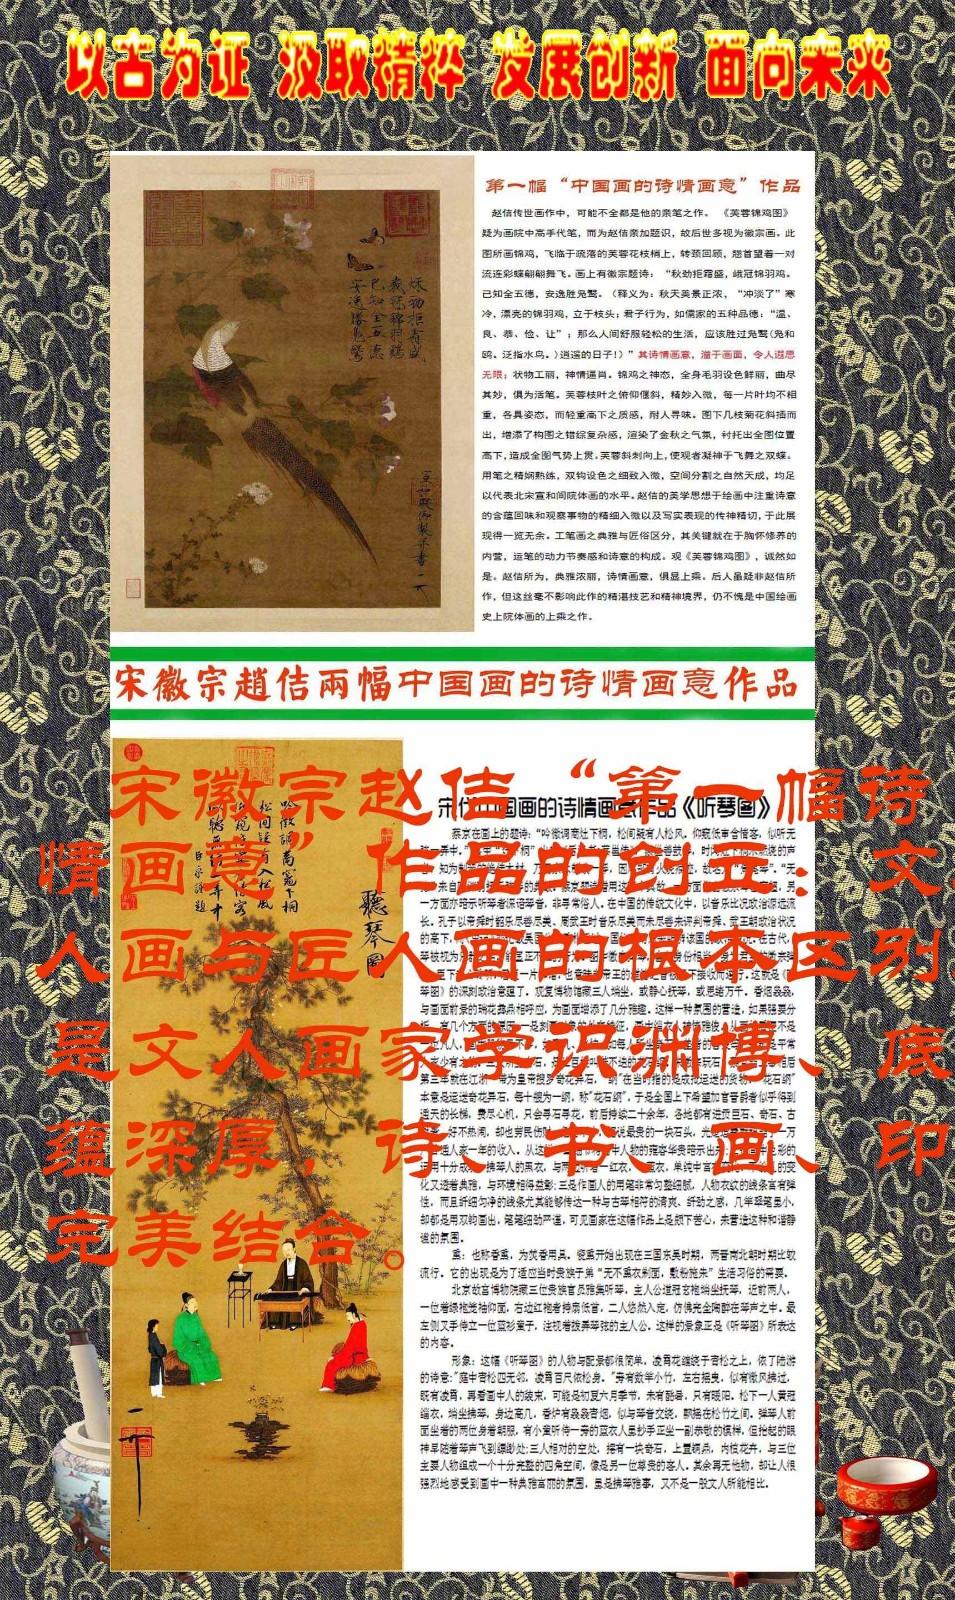 和而不同是常态 中华文明耀世界_图1-9